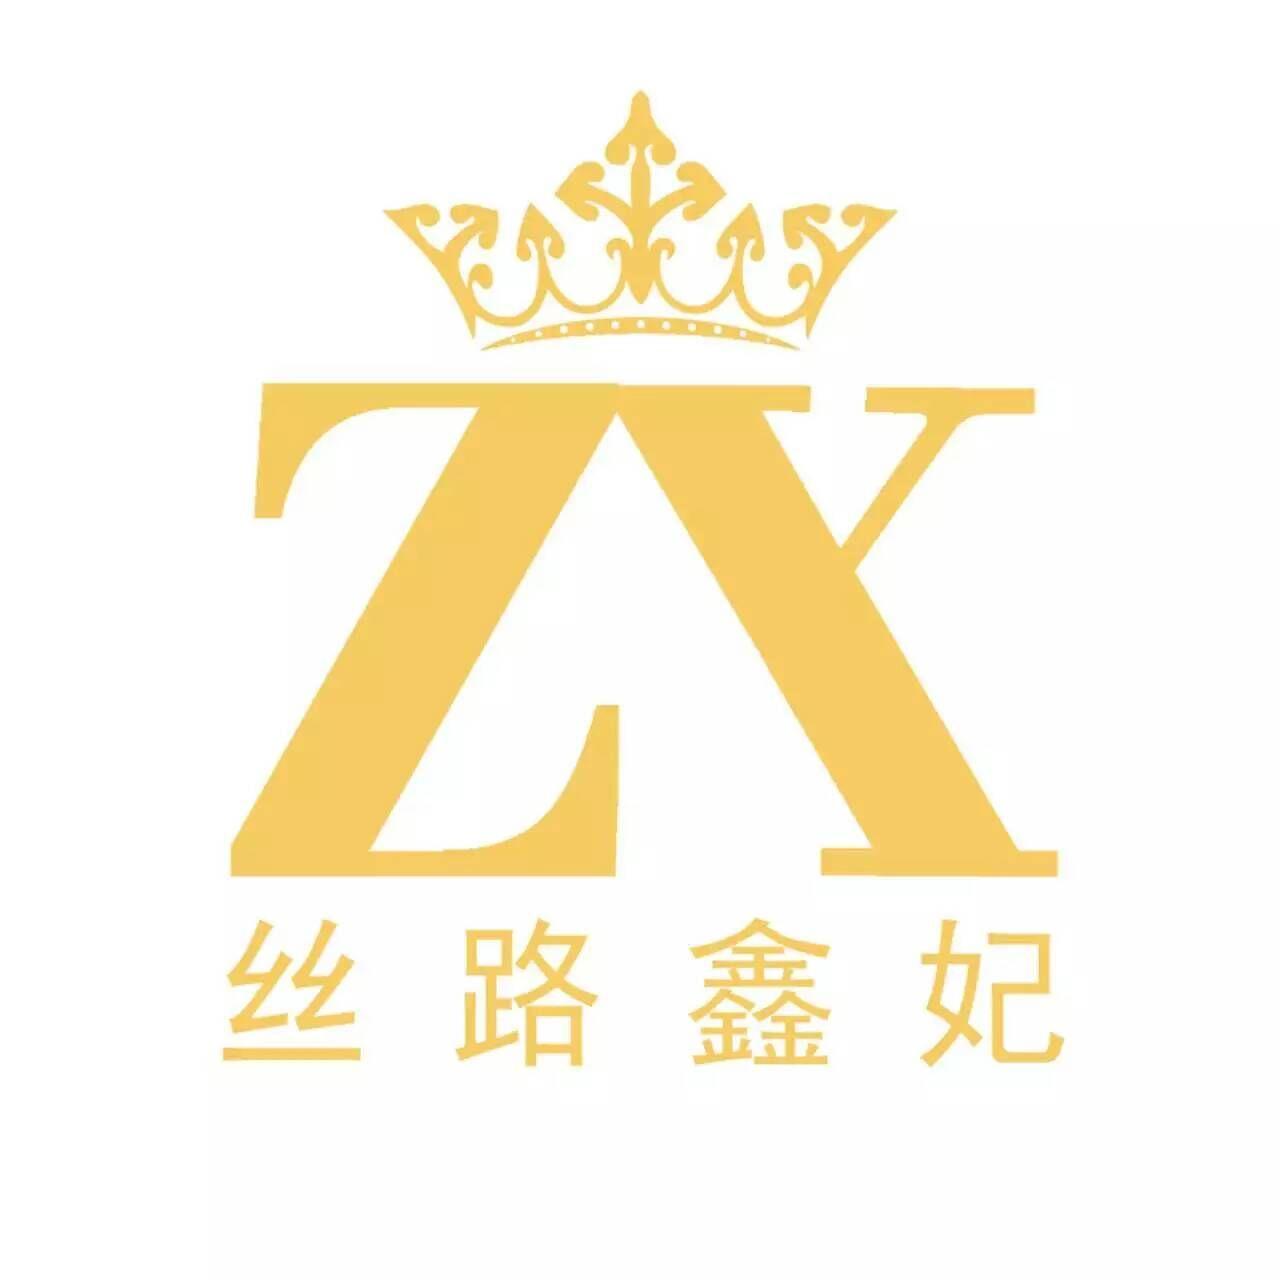 郑州少儿模特培训丝路鑫妃超模学院